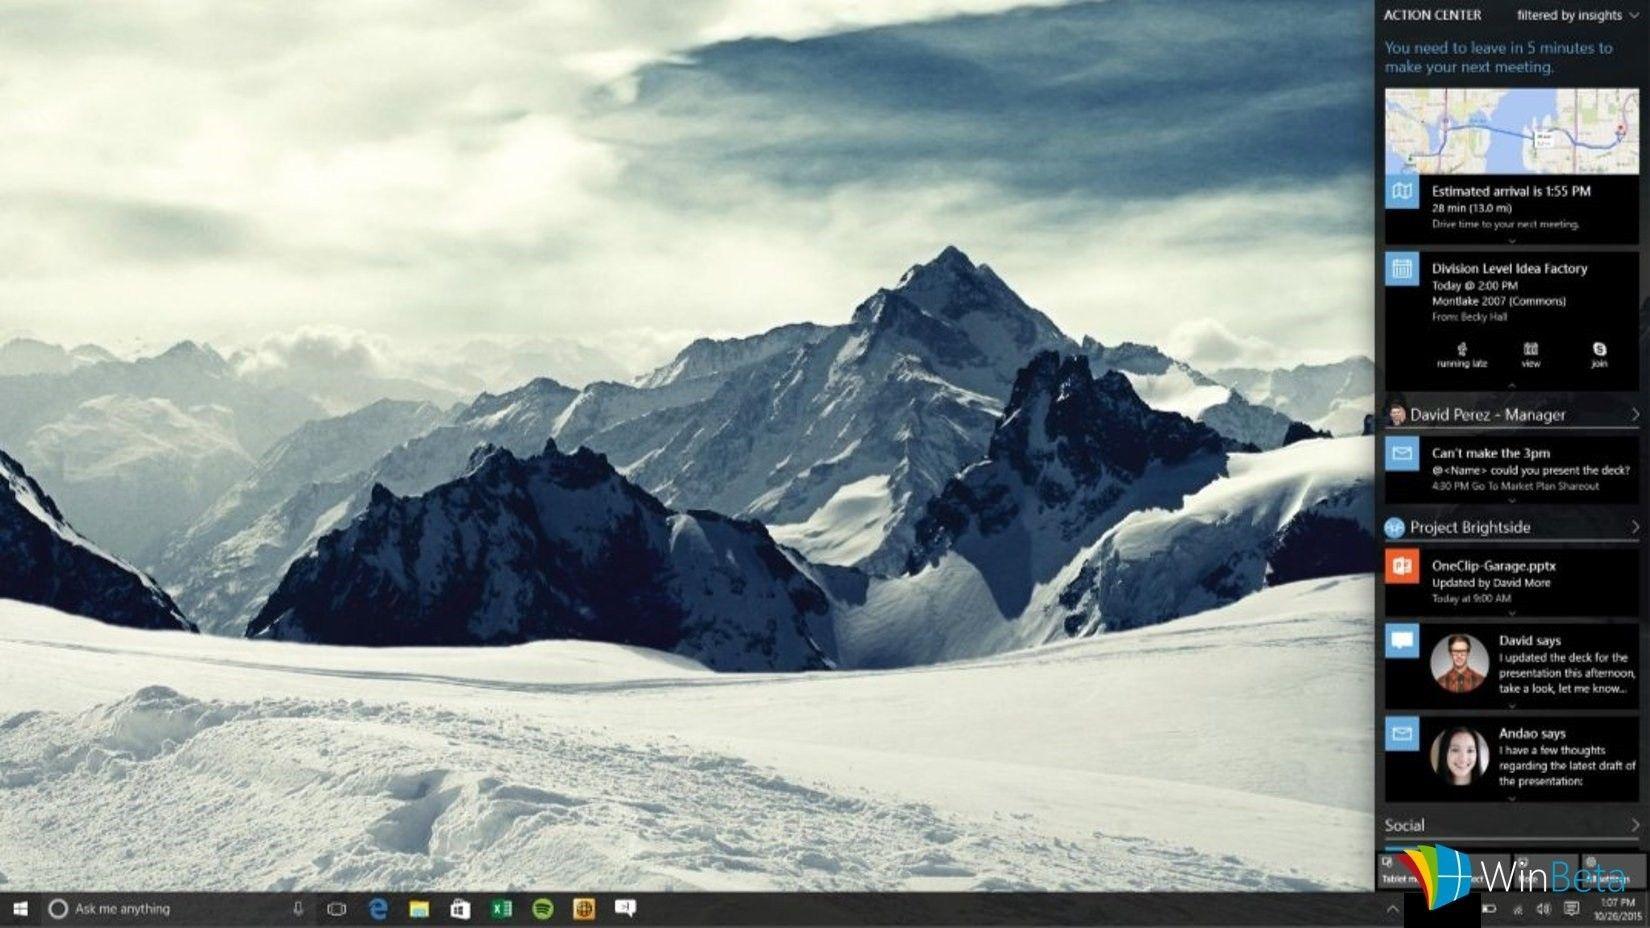 Windows 10 moderniza Cortana y el centro de acción